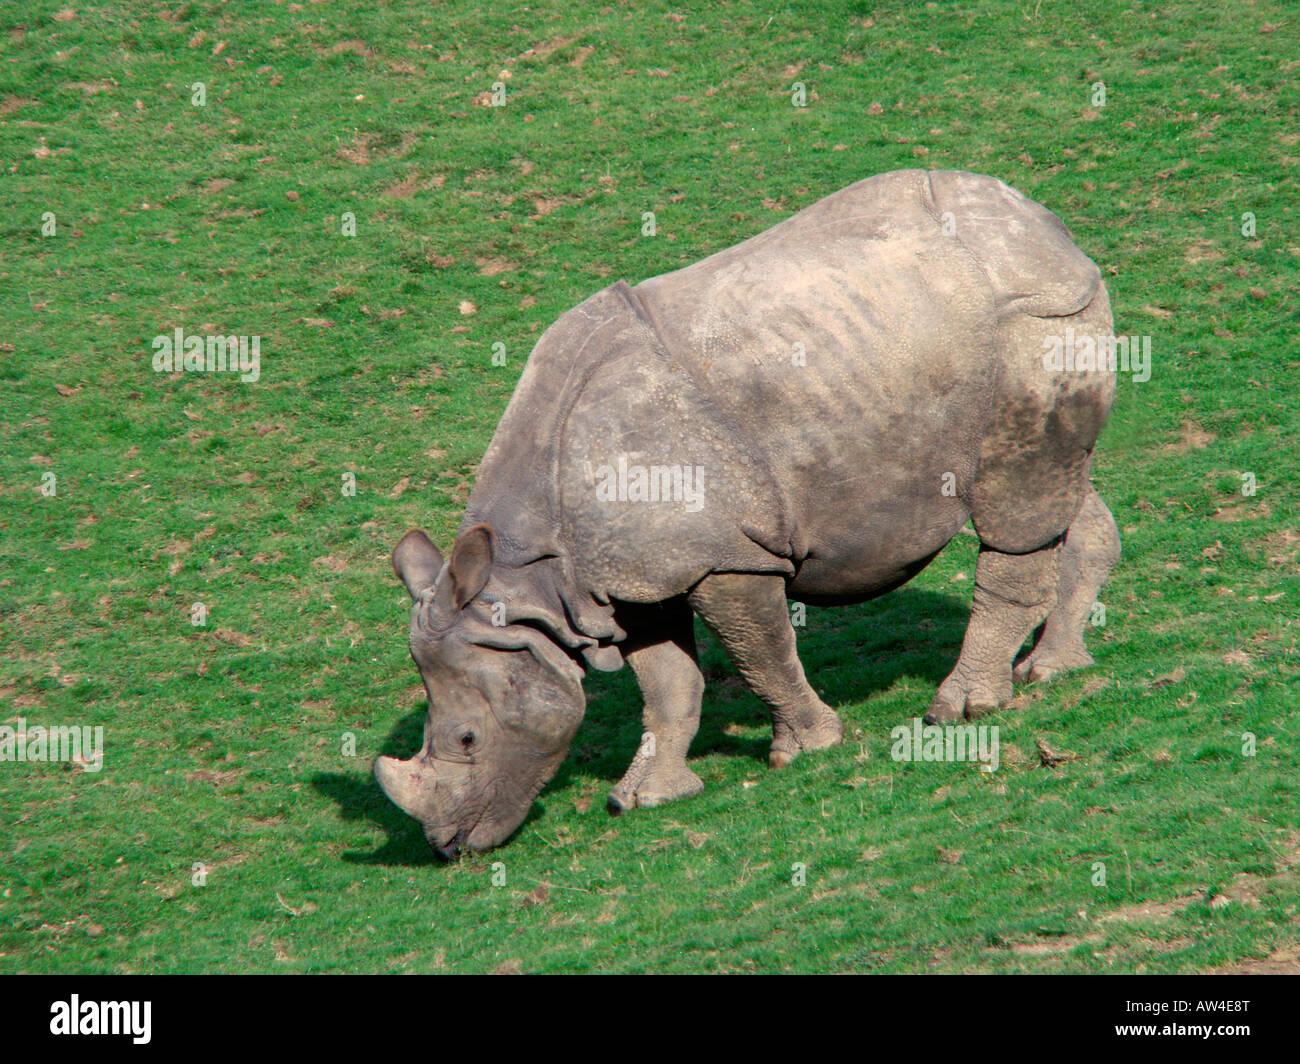 Rhino Indien größere Panzernashorn große indische einen gehörnten Nashorn Rhinoceros Unicornis Stockbild